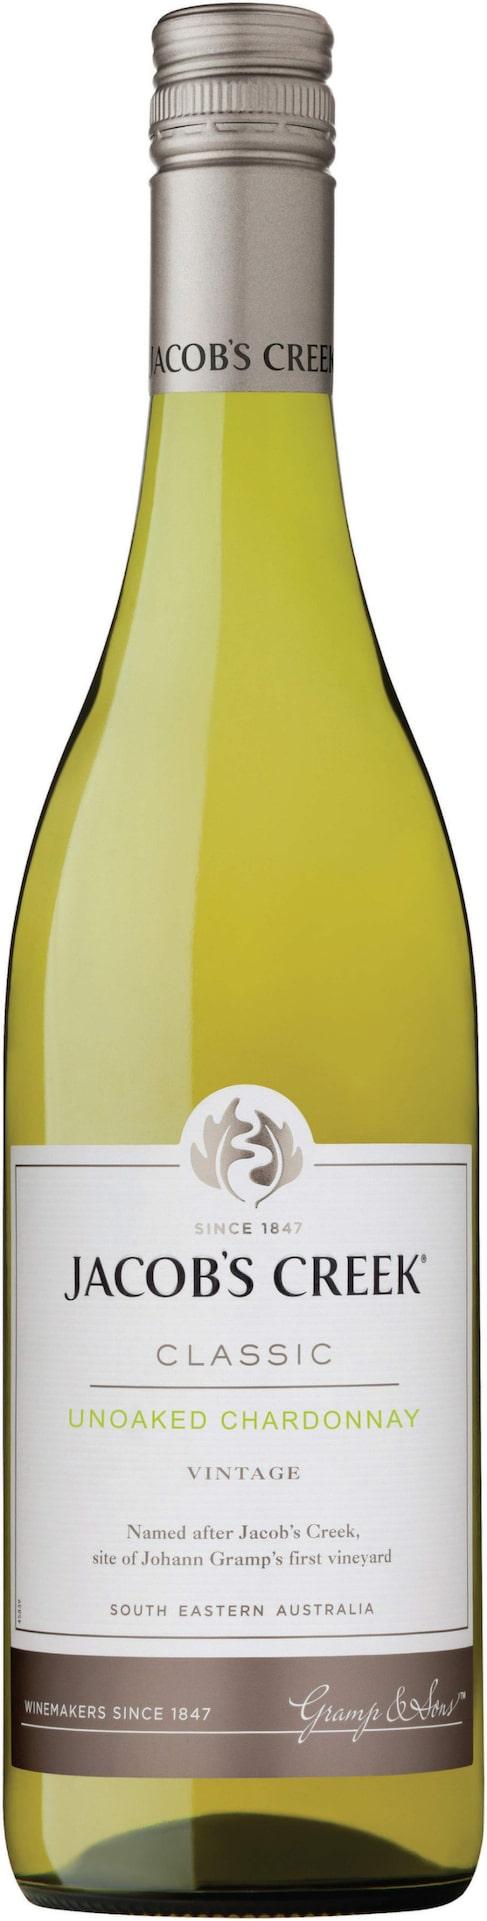 VittJacob's Creek Unoaked Chardonnay 2014 (6473) Australien, 71 krTrevligt med drag av krispiga äpplen och en frisk fruktsyra. Passar till exempelvis en klassisk ostfondue.